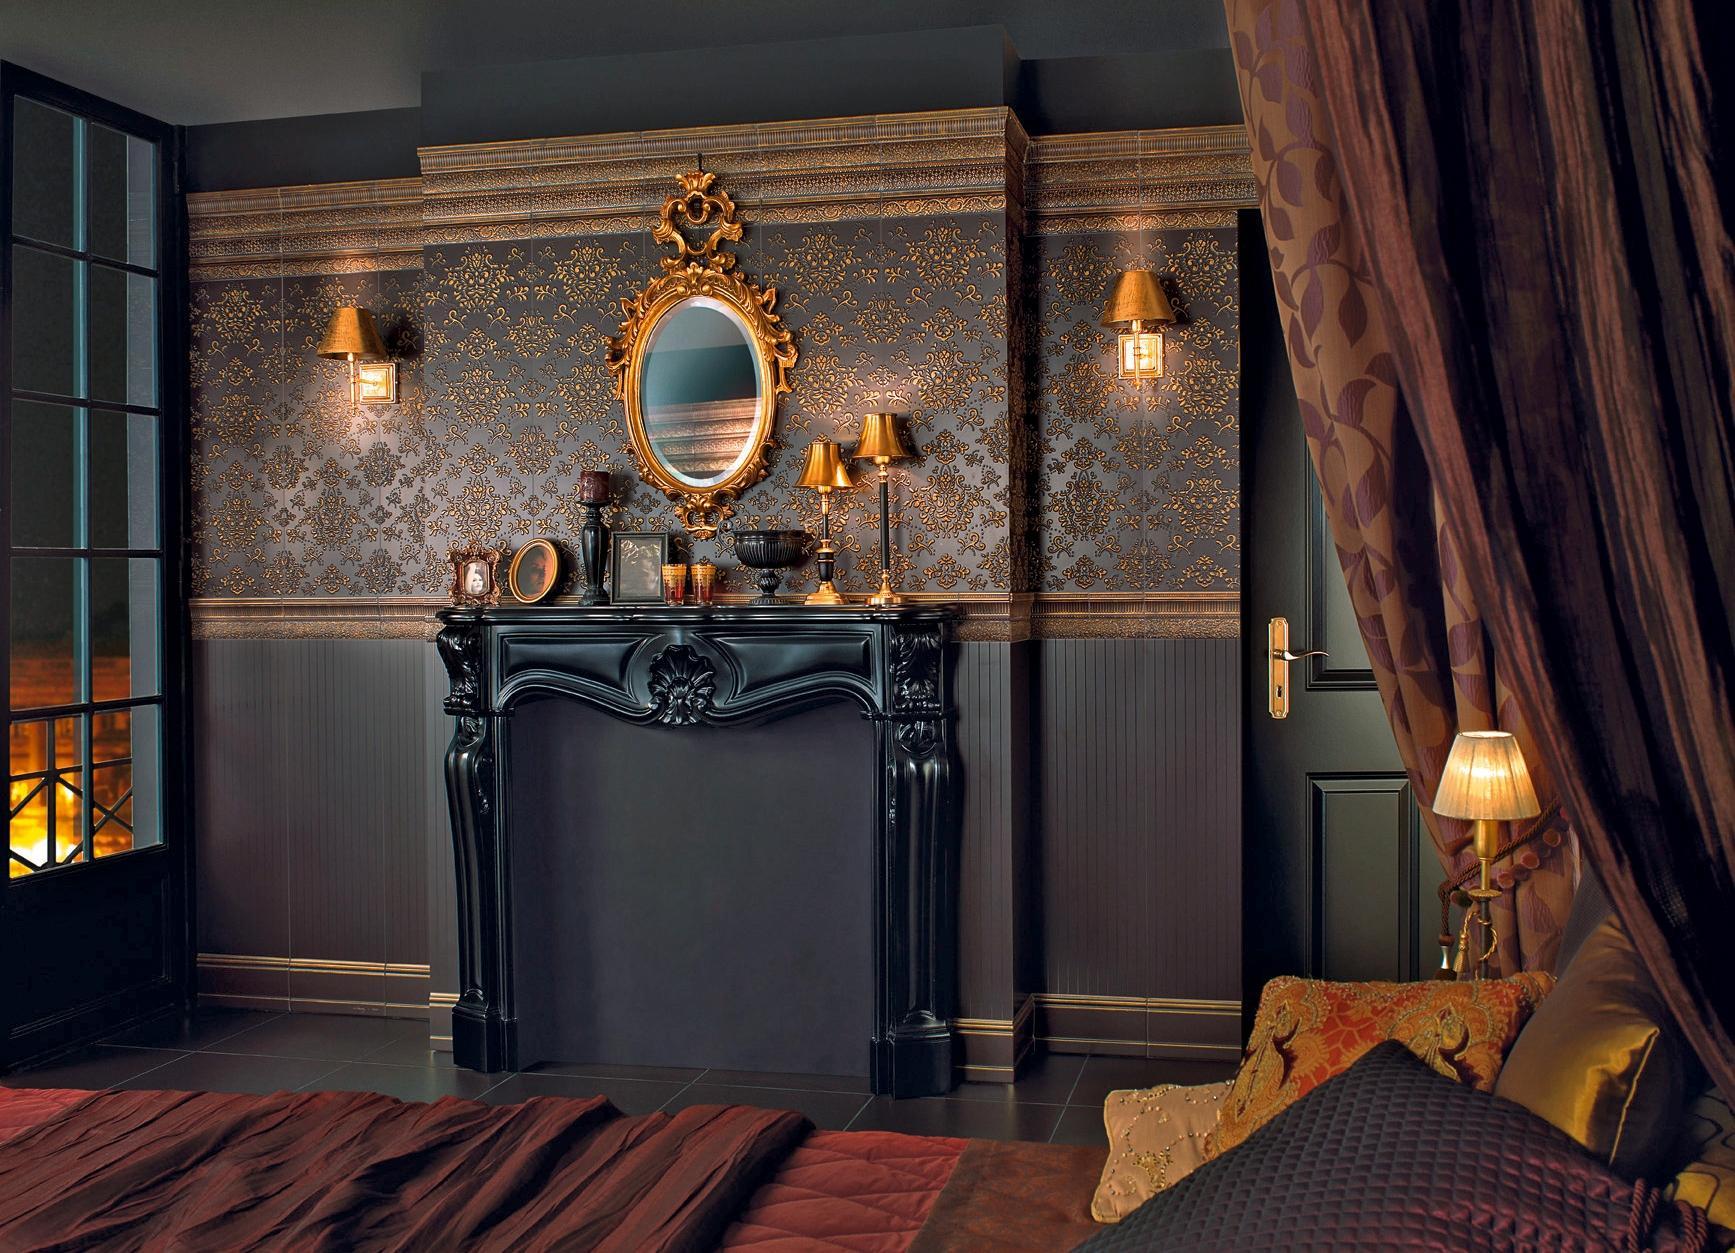 Темная гостиная с фальш-камином в стиле барокко